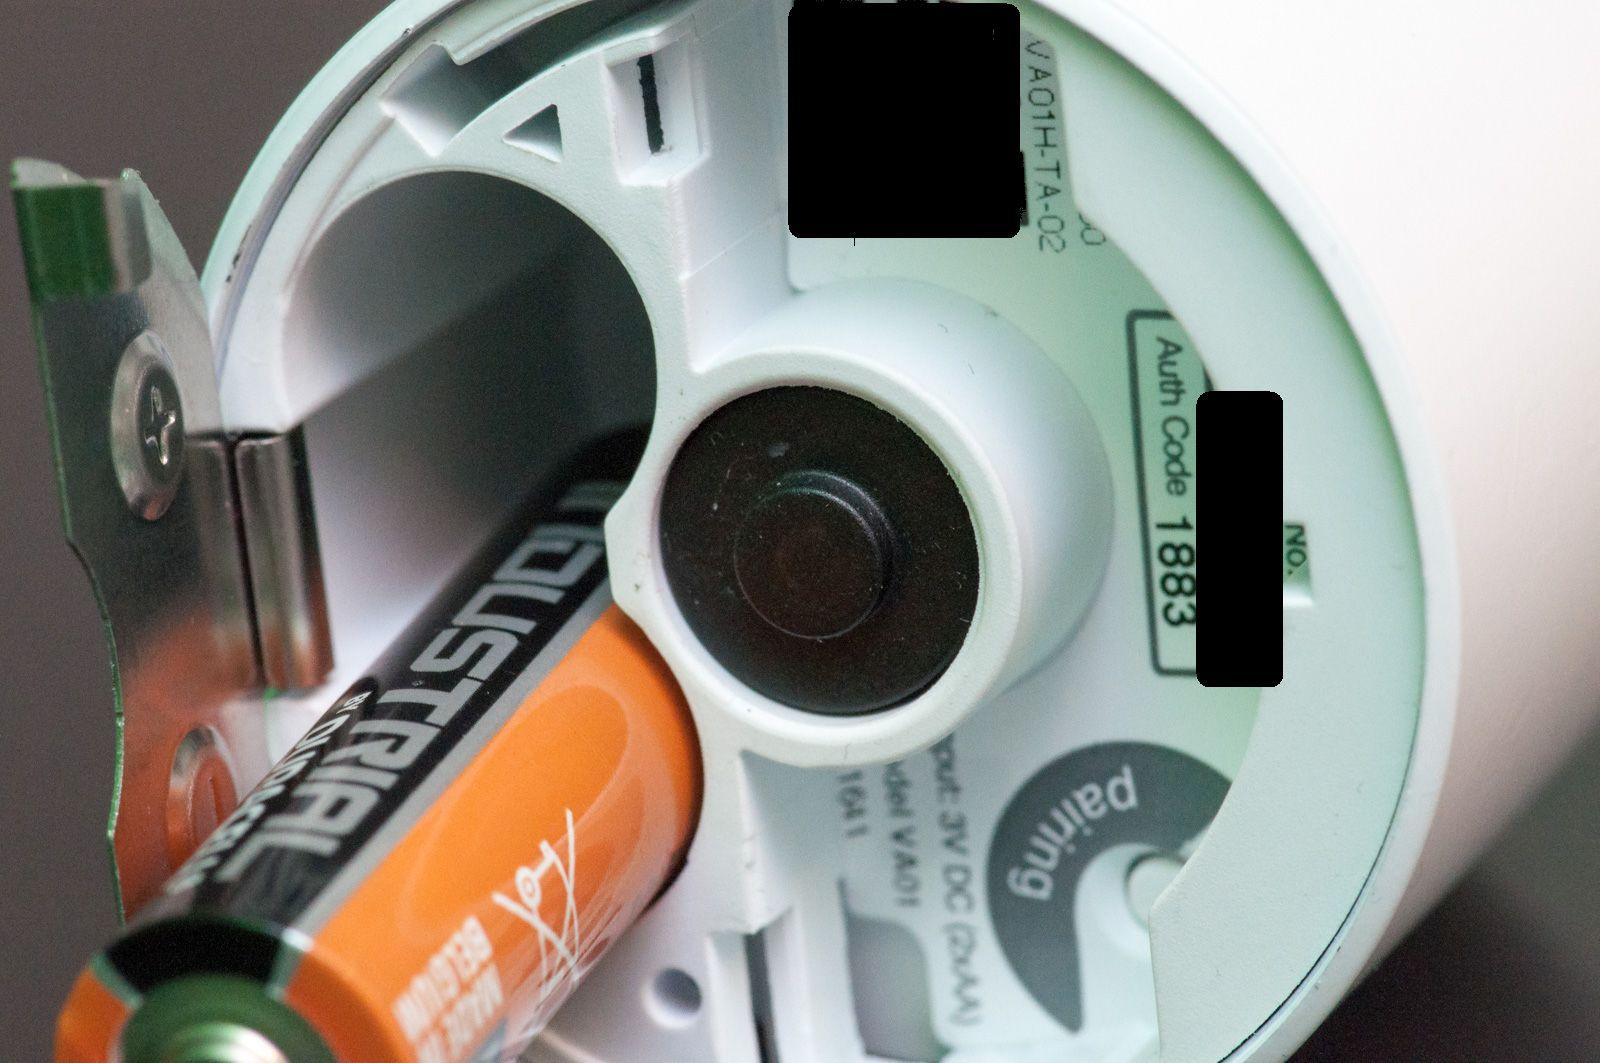 Tado im Test: Heizkörperthermostate mit effizientem Stalker-Modus - In der Mitte ist die eigentliche Heizungskontrolle. Das Laufwerk ist verborgen. (Foto: Andreas Sebayang/Golem.de)